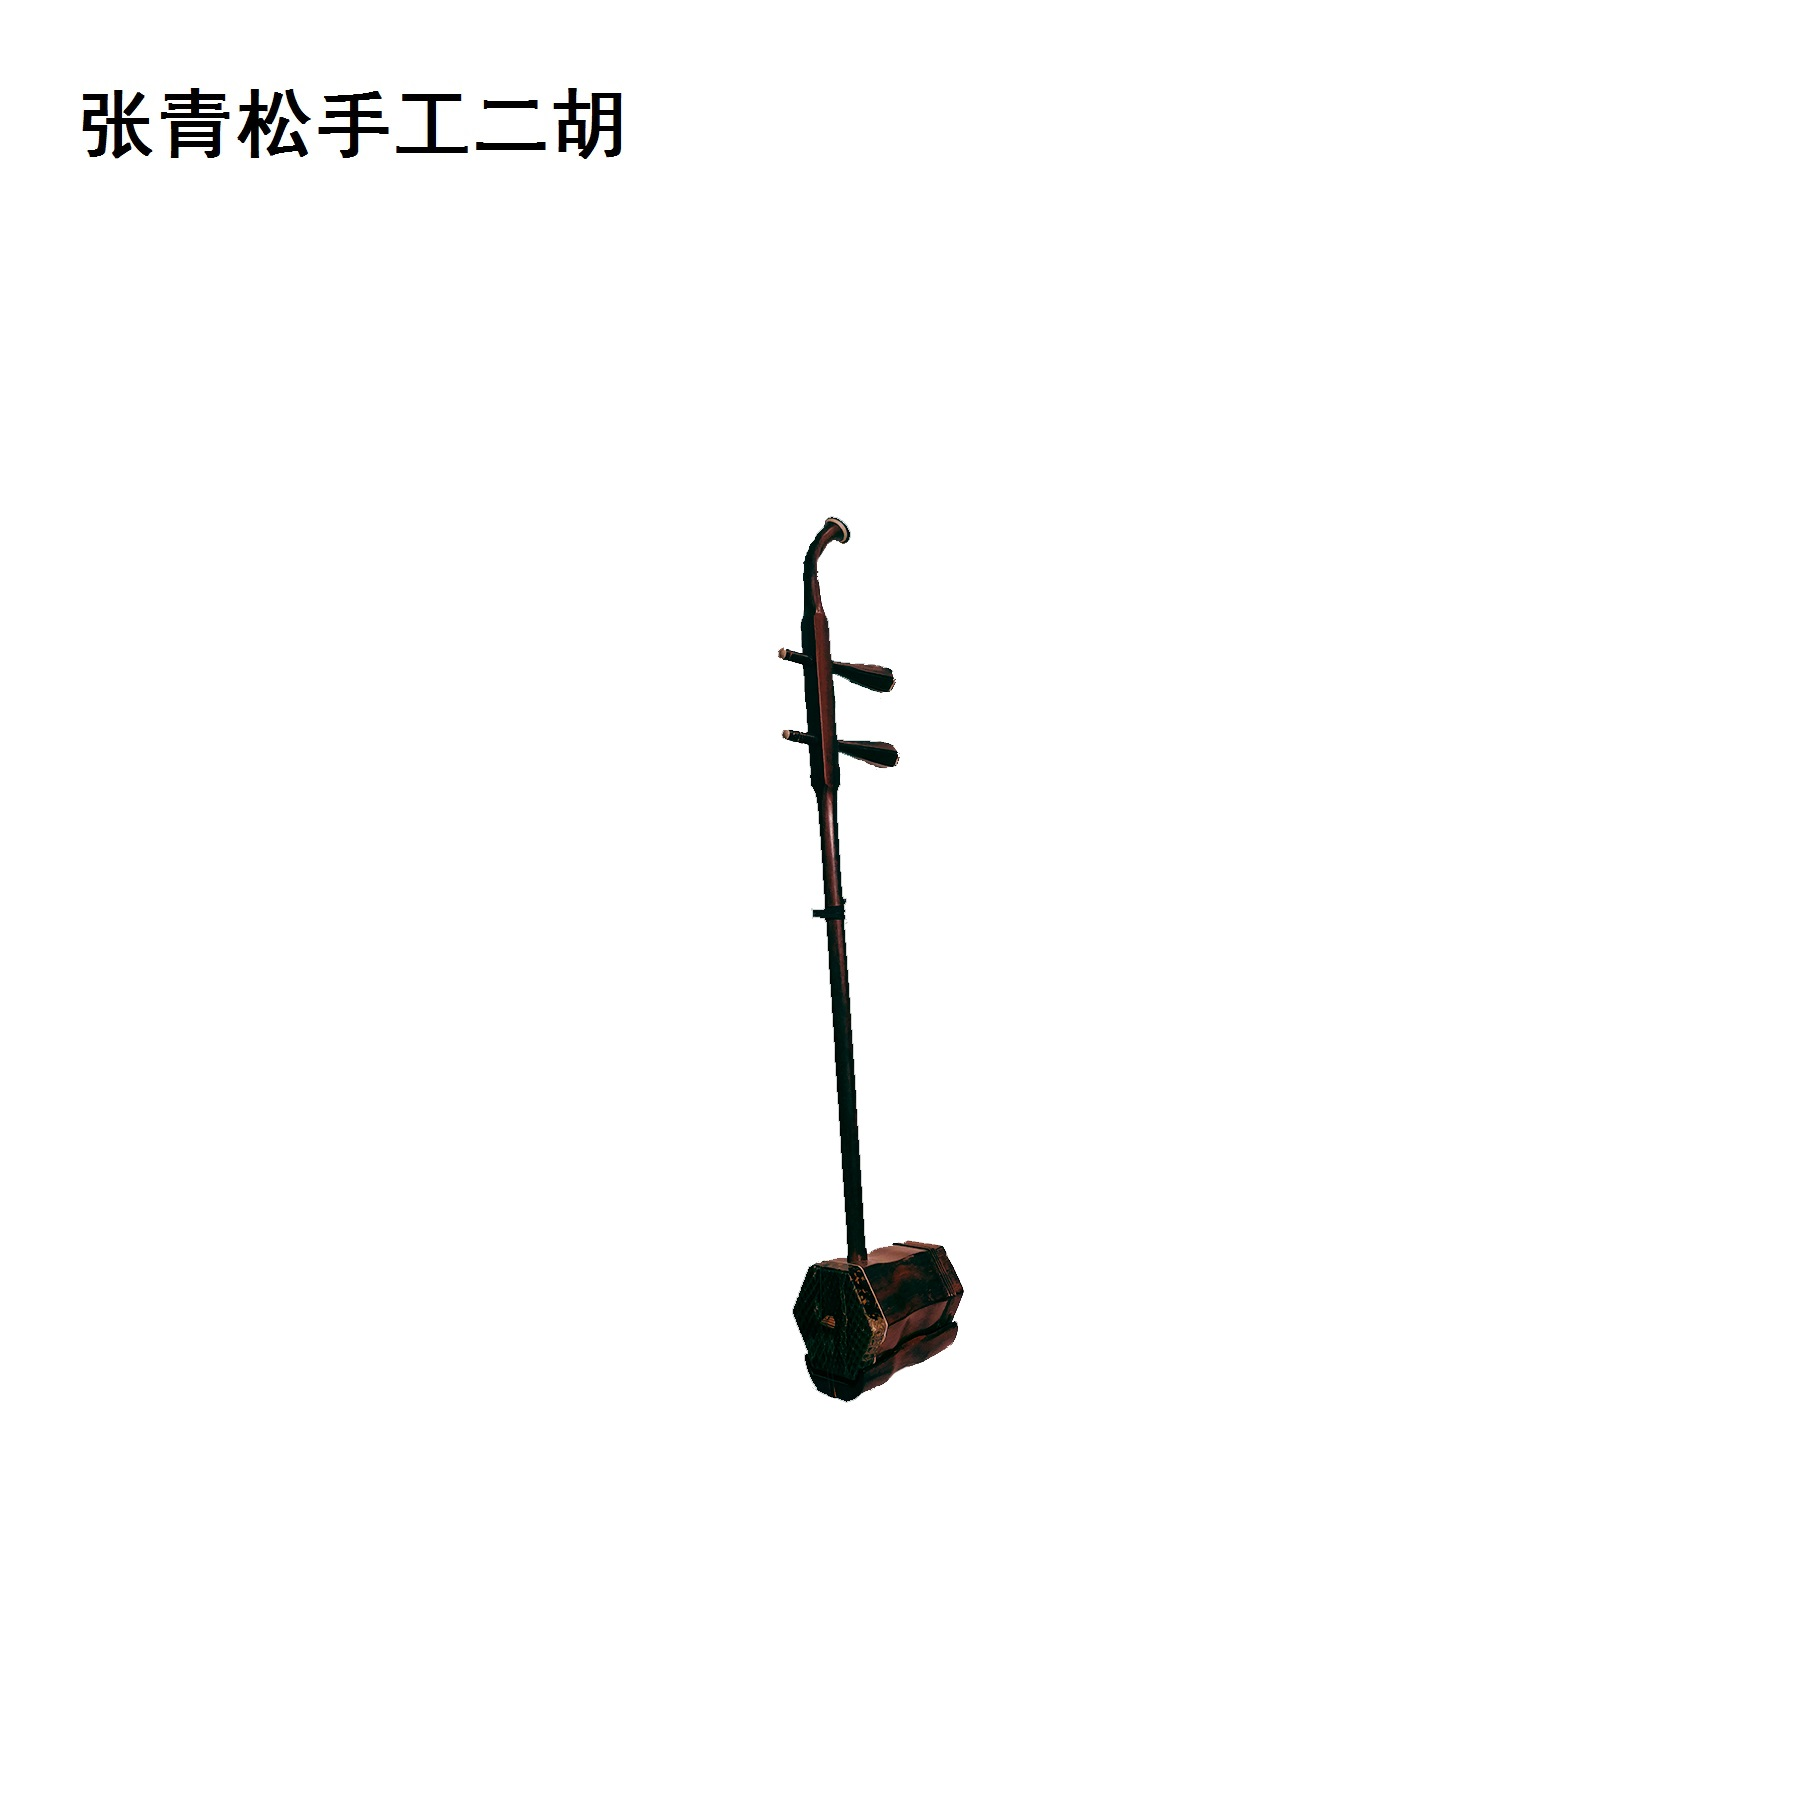 张青松手工二胡-红酸枝